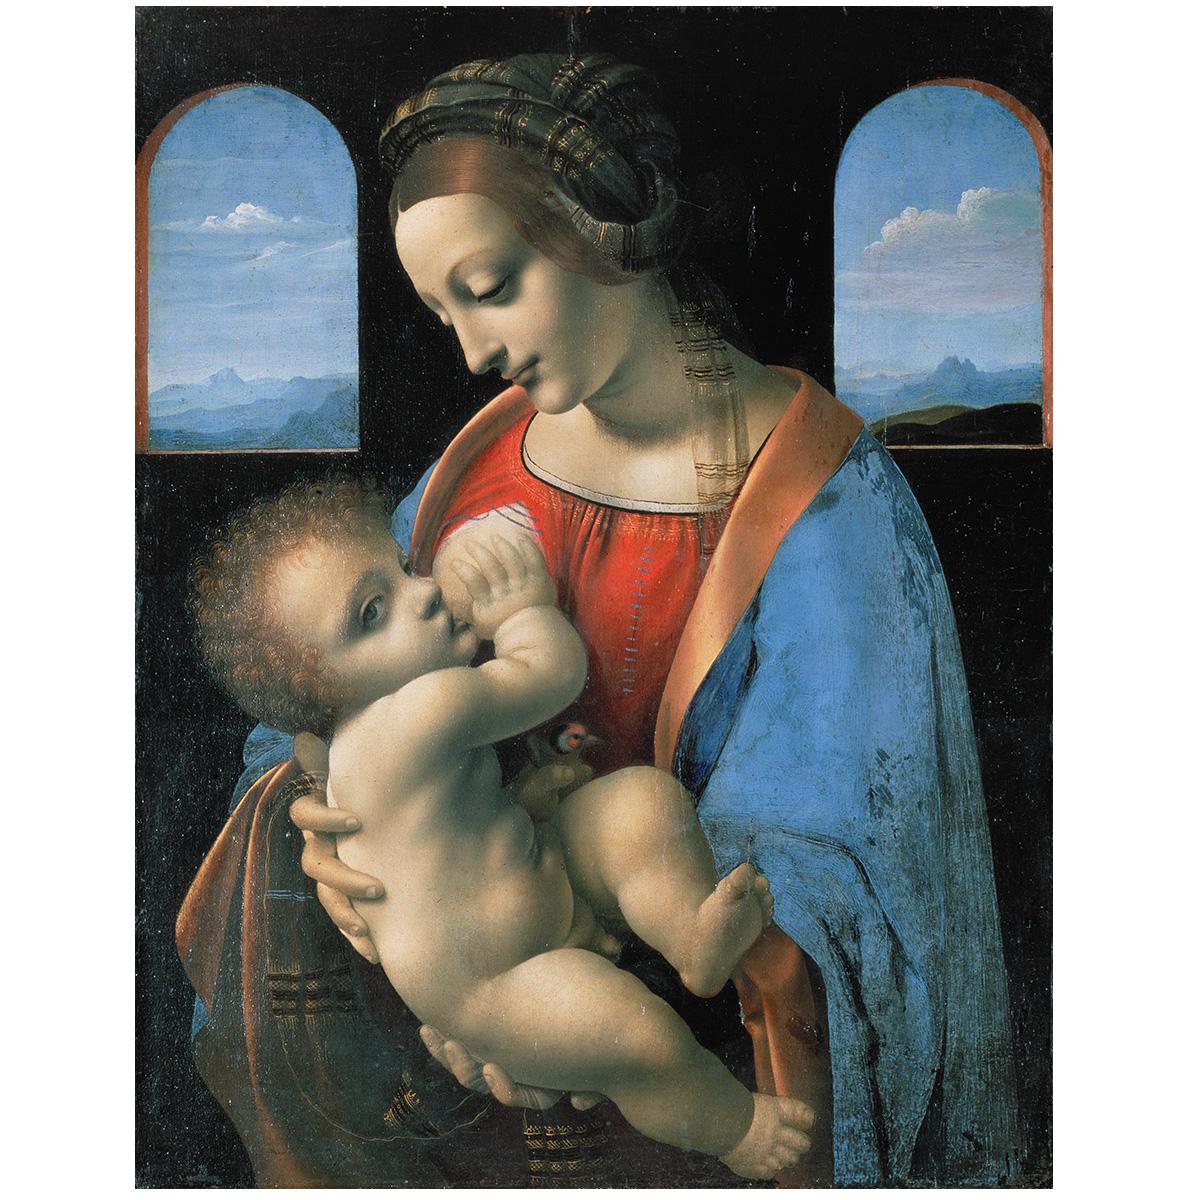 达芬奇 哺乳圣母 名画油画 装饰画 客厅书房酒店会所咖啡厅54-69